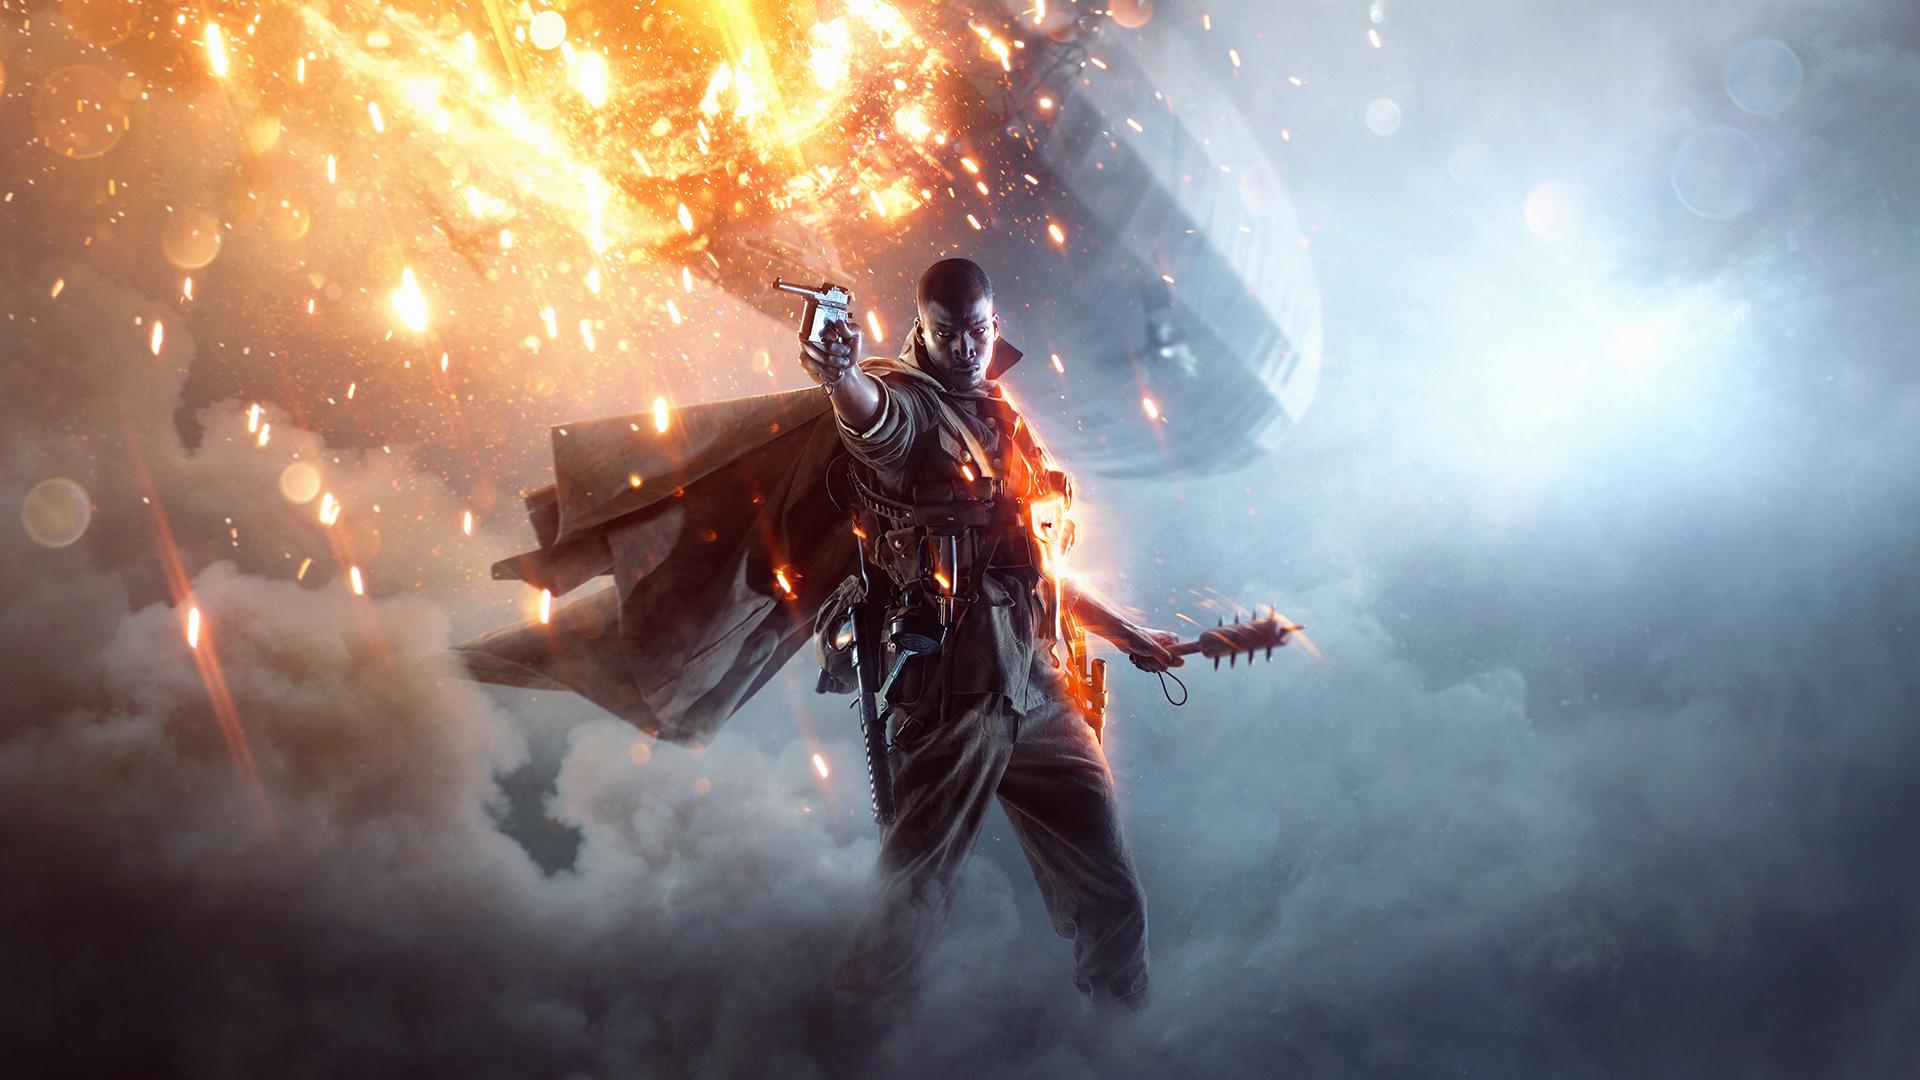 دایس (DICE) ادعا میکند که برنامهشان برای Battlefield 1 در سال ۲۰۱۷ انقلابی خواهد بود